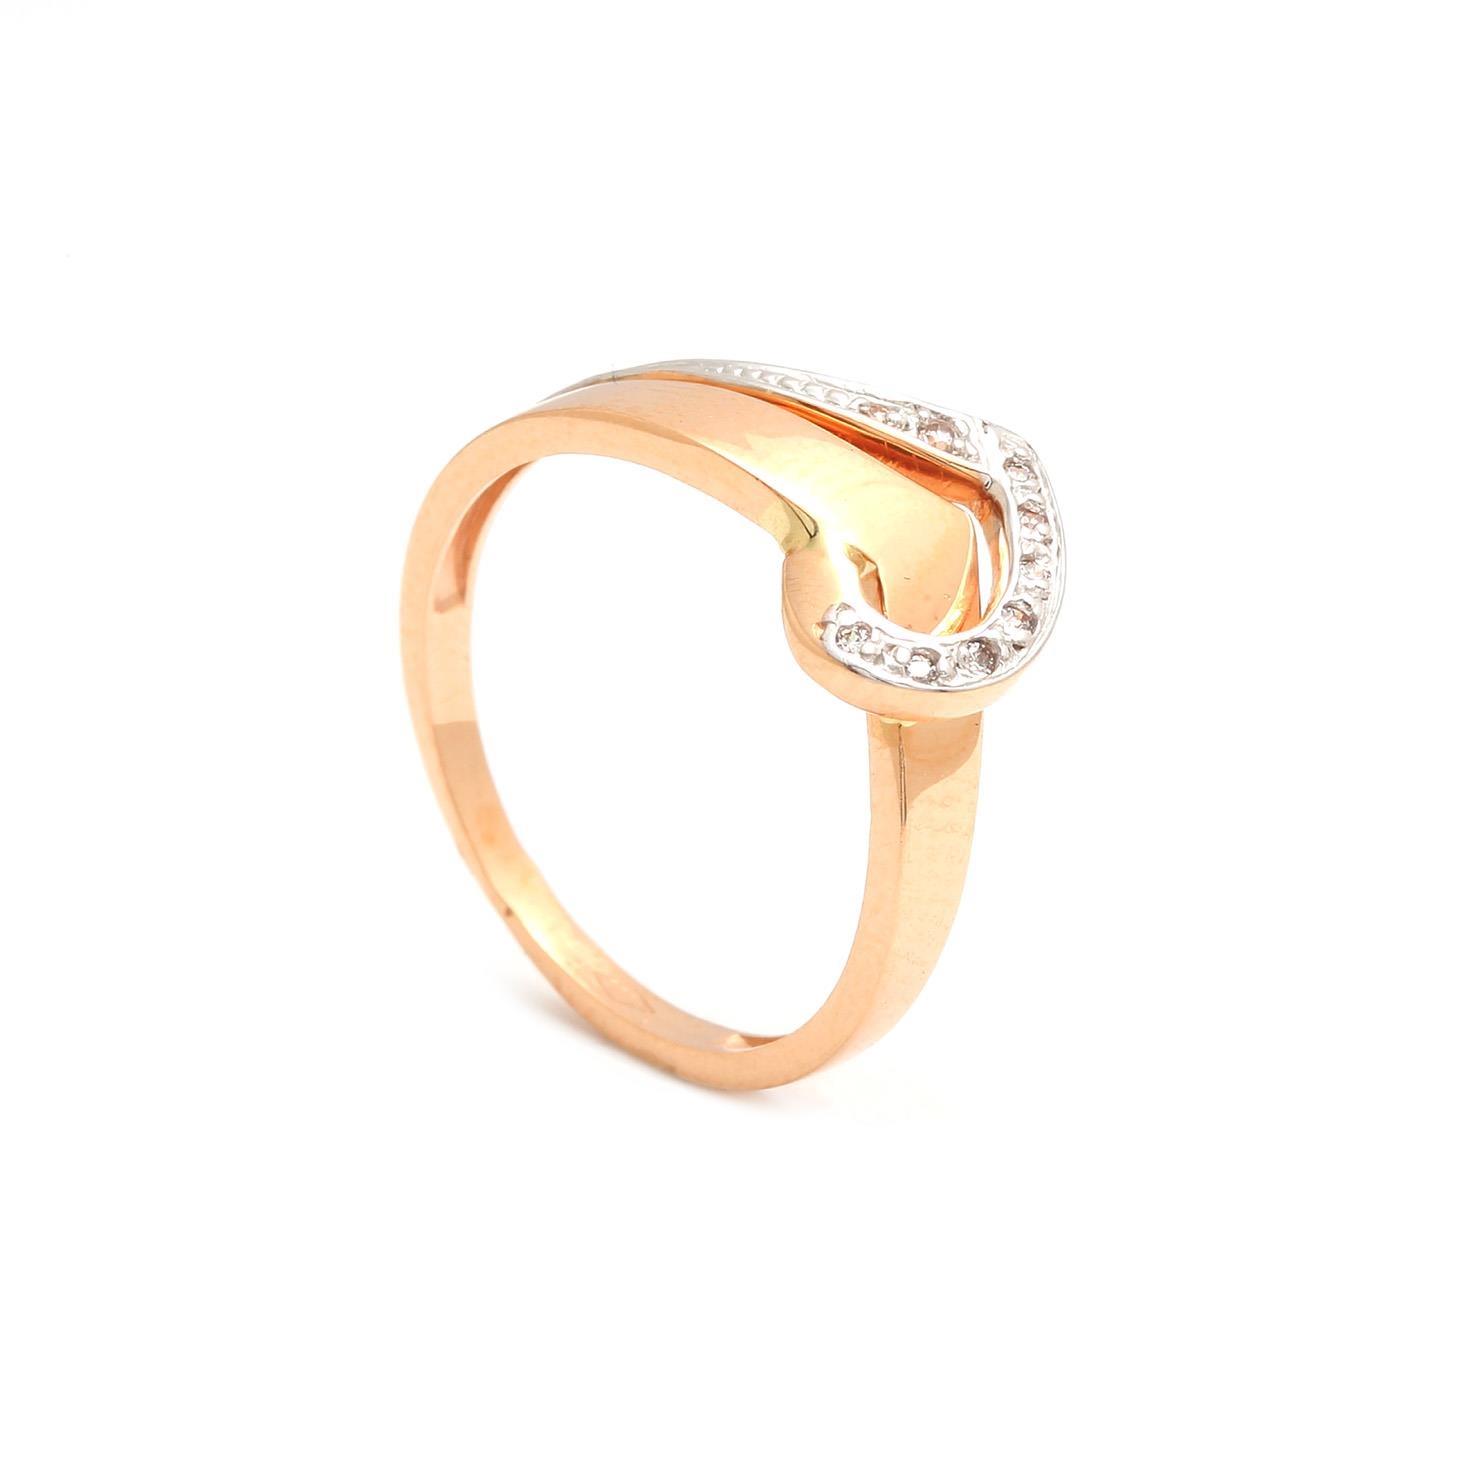 Zlatý dámsky prsteň RICCARDA 3PK00149